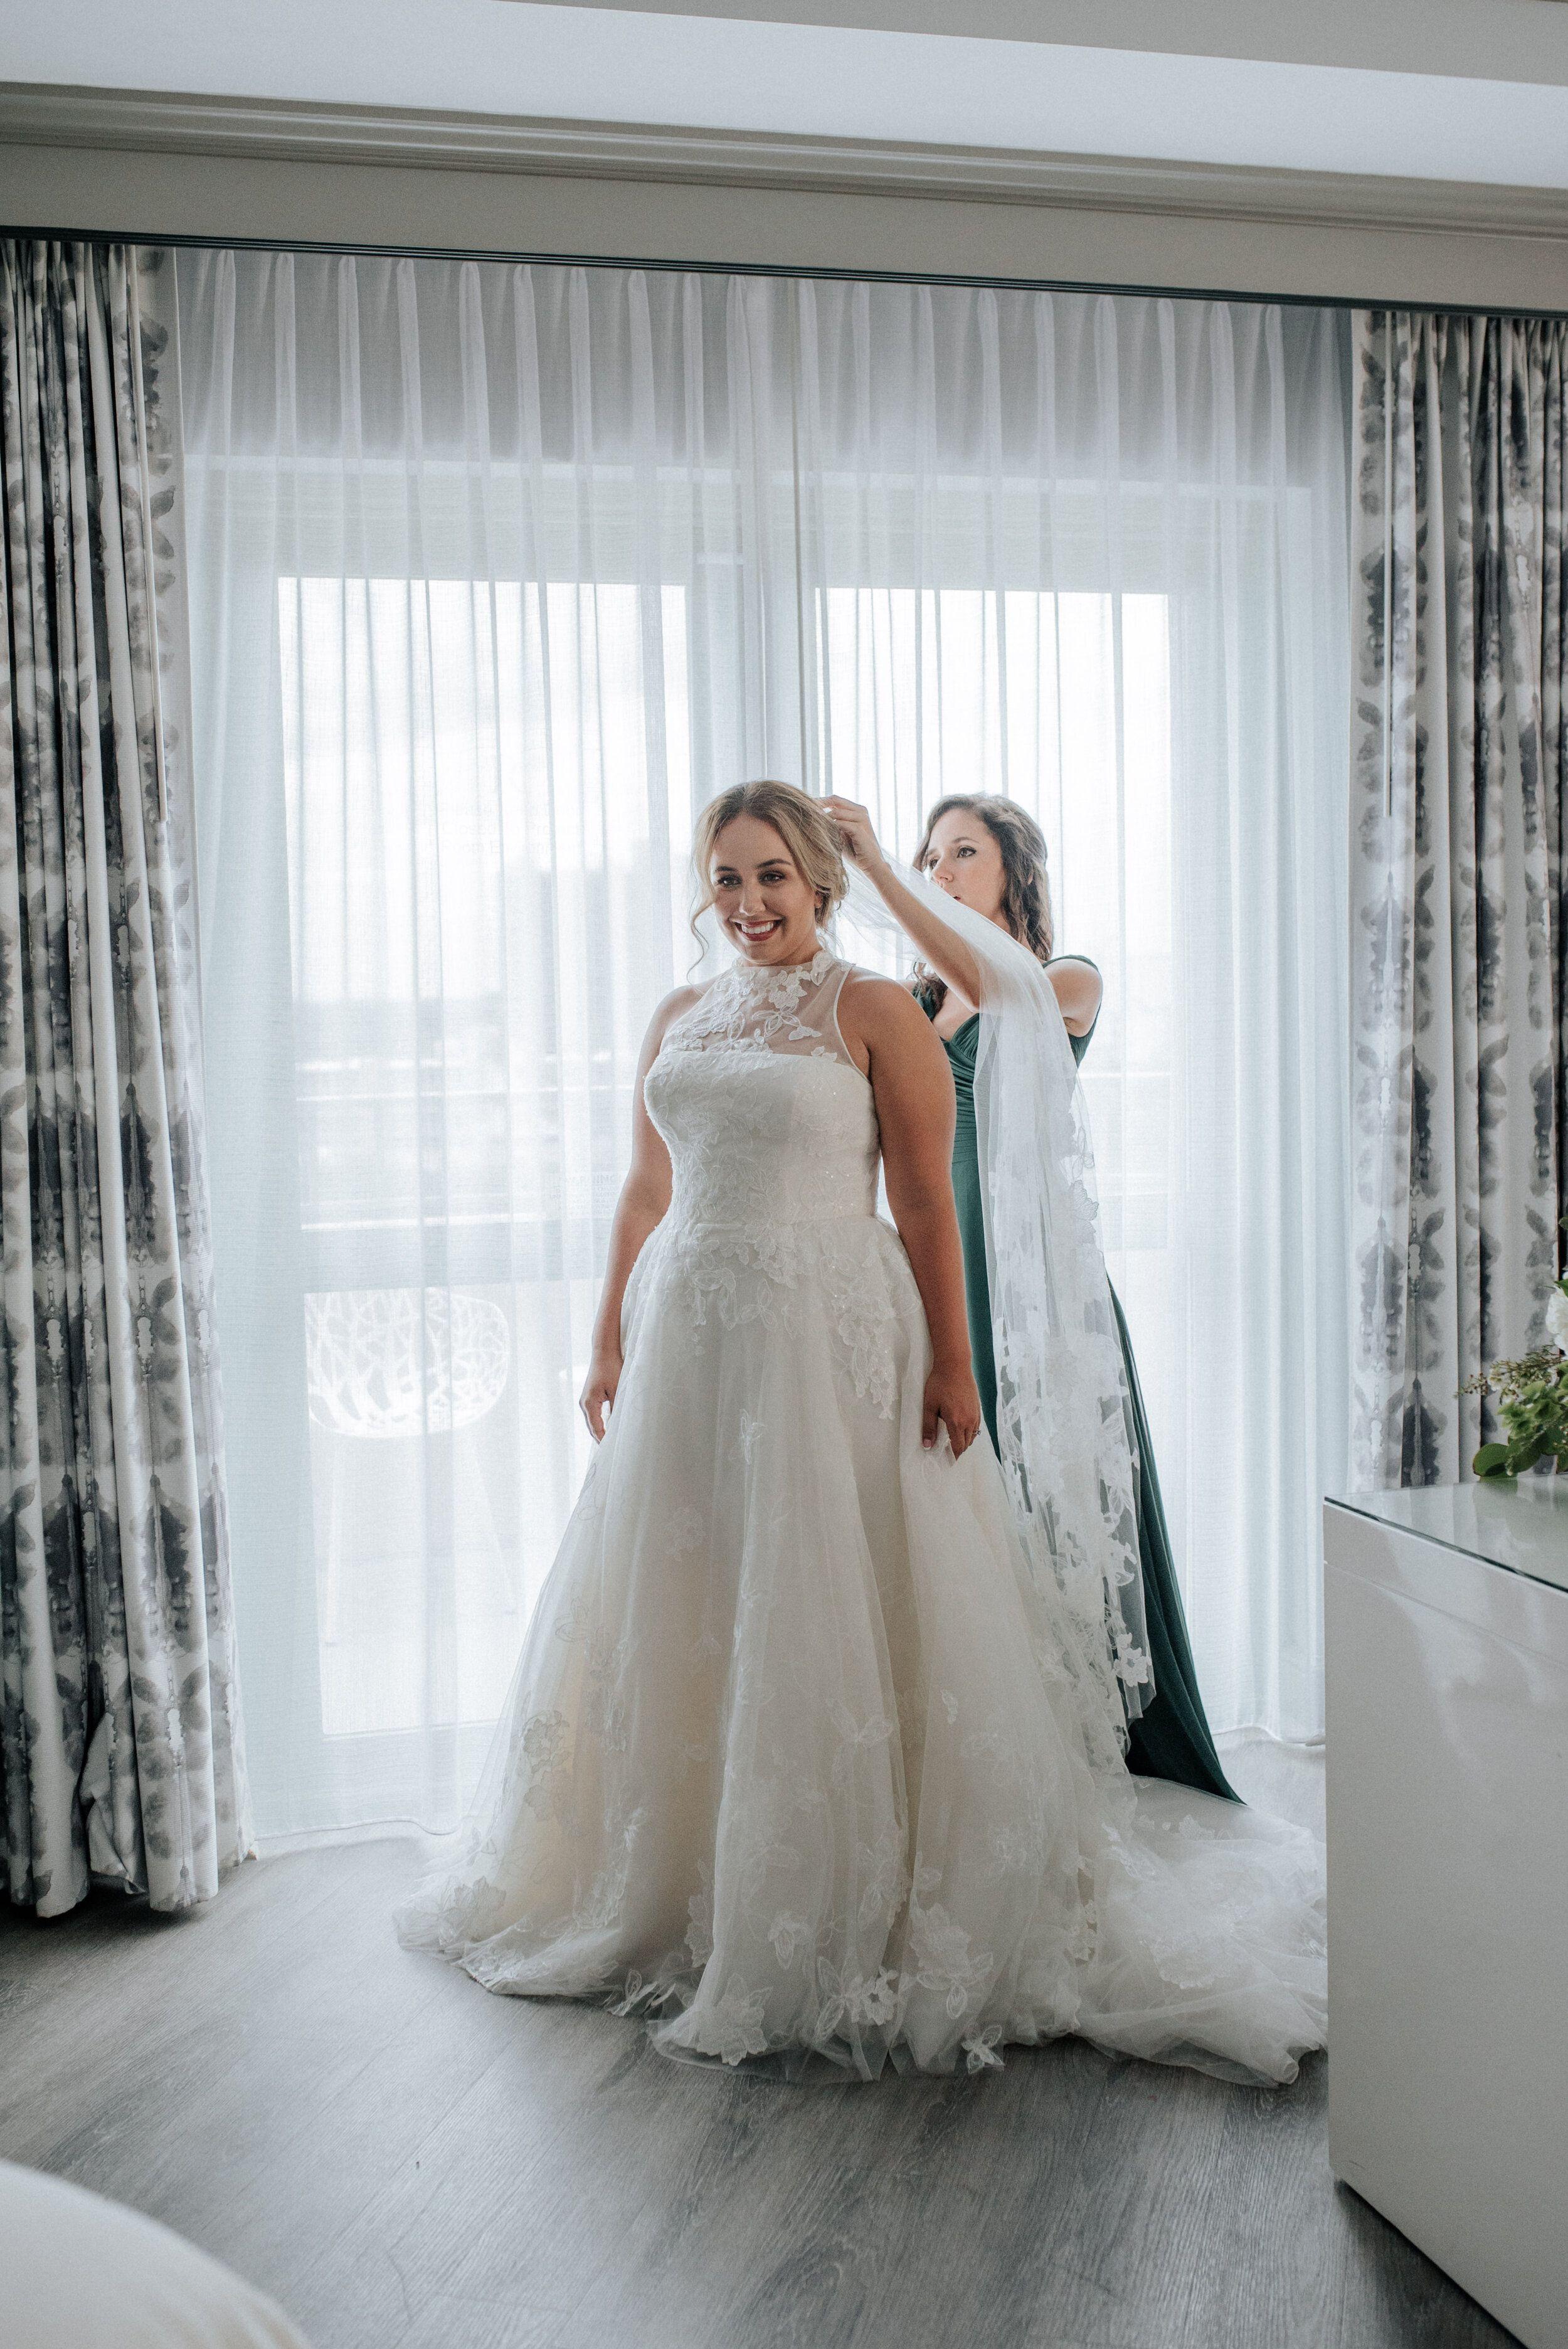 Summer Wedding At Sunken Gardens (With images) Orlando